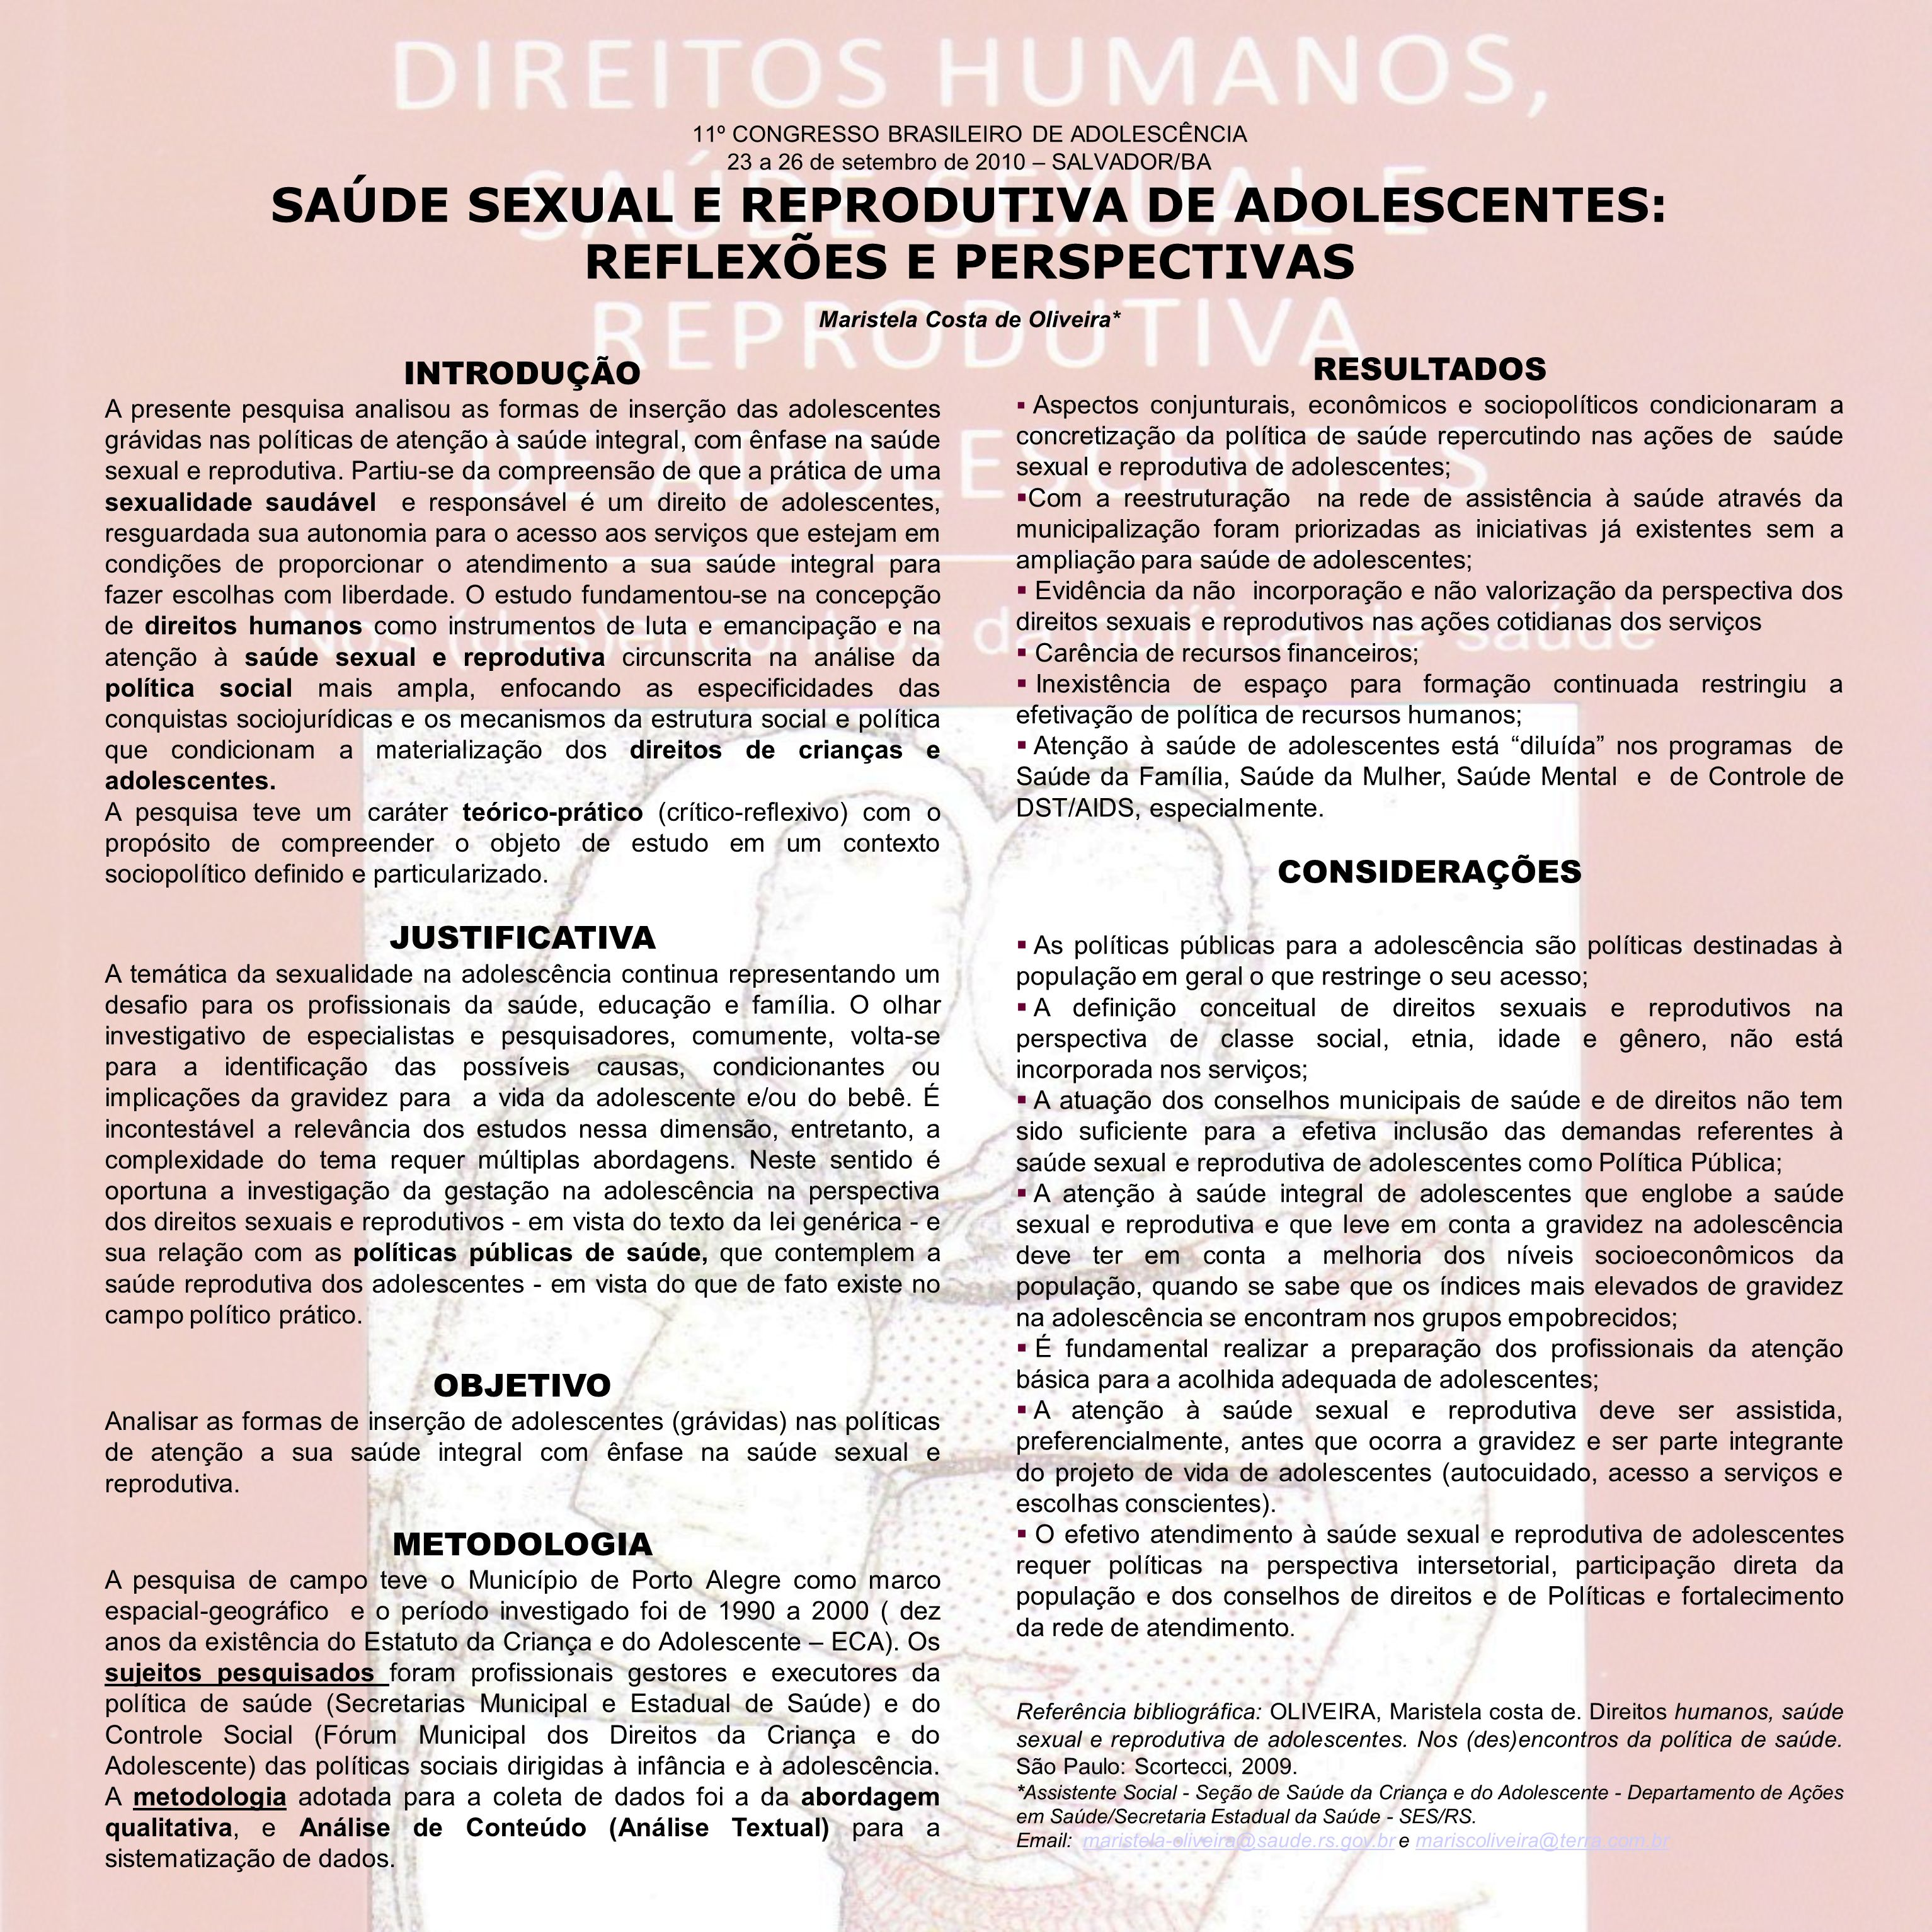 11º CONGRESSO BRASILEIRO DE ADOLESCÊNCIA 23 a 26 de setembro de 2010 – SALVADOR/BA SAÚDE SEXUAL E REPRODUTIVA DE ADOLESCENTES: REFLEXÕES E PERSPECTIVA